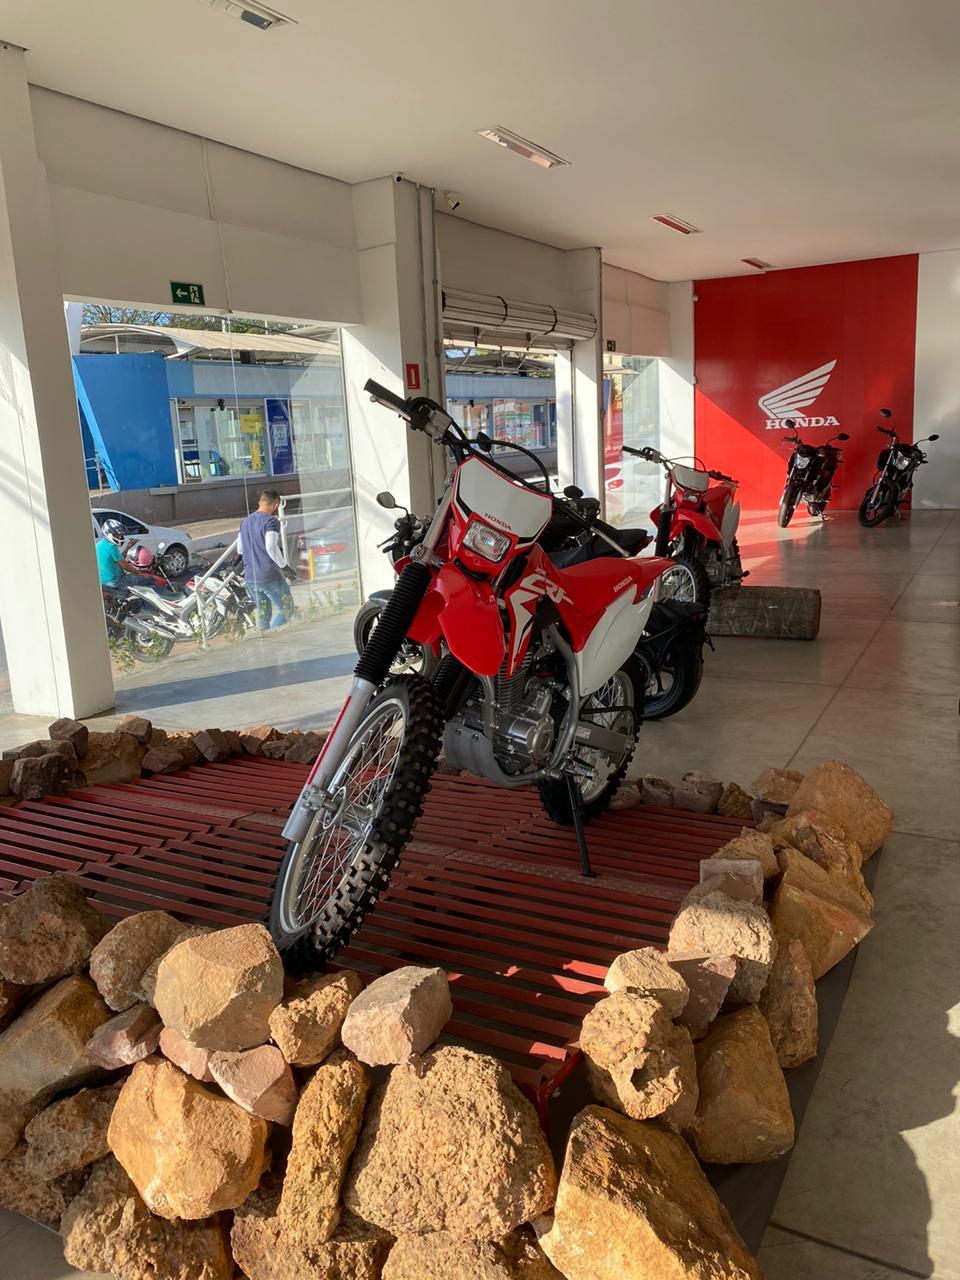 Japan Motos: nova loja da Honda em THE tem evento de inauguração - Imagem 3